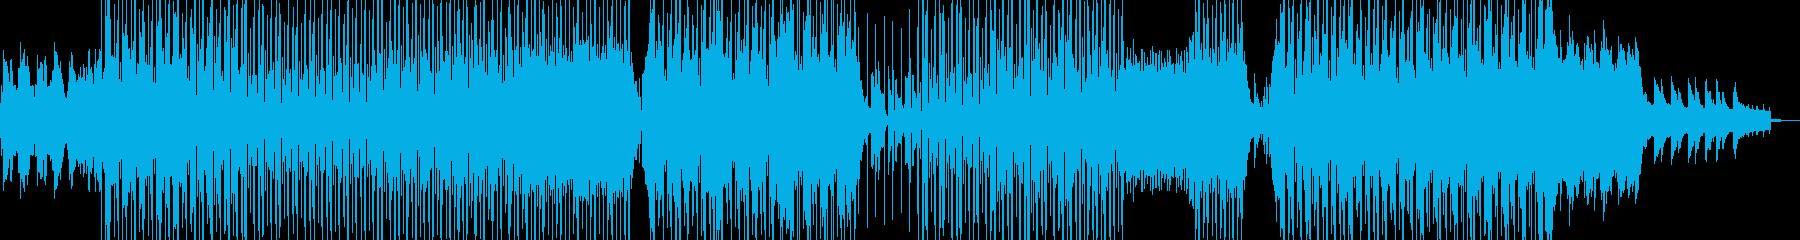 失恋・倦怠感が漂う2人のR&B 長尺+の再生済みの波形